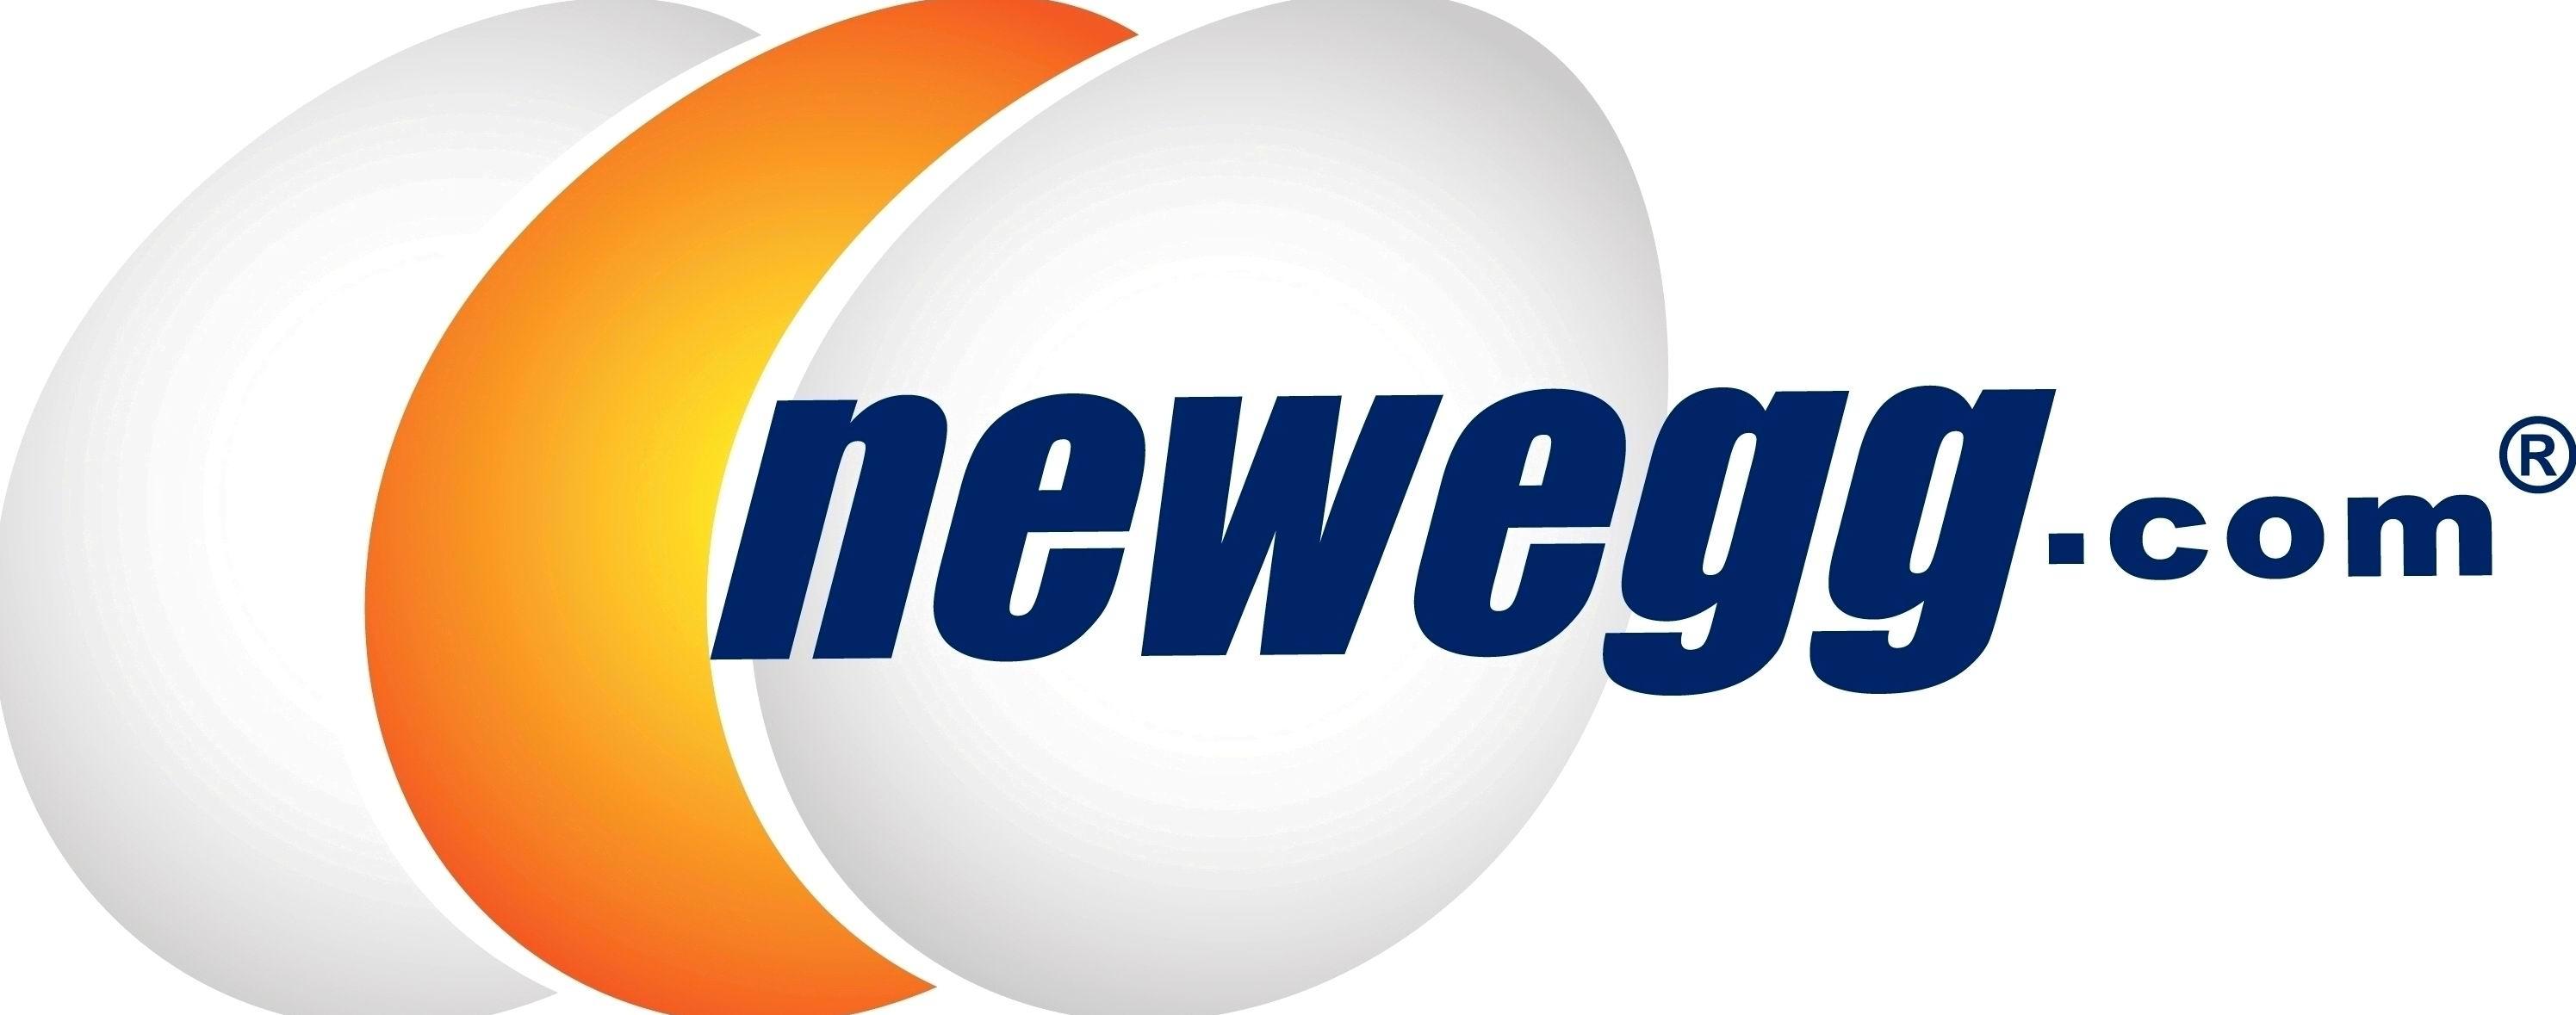 Newegg.com Coupon Codes